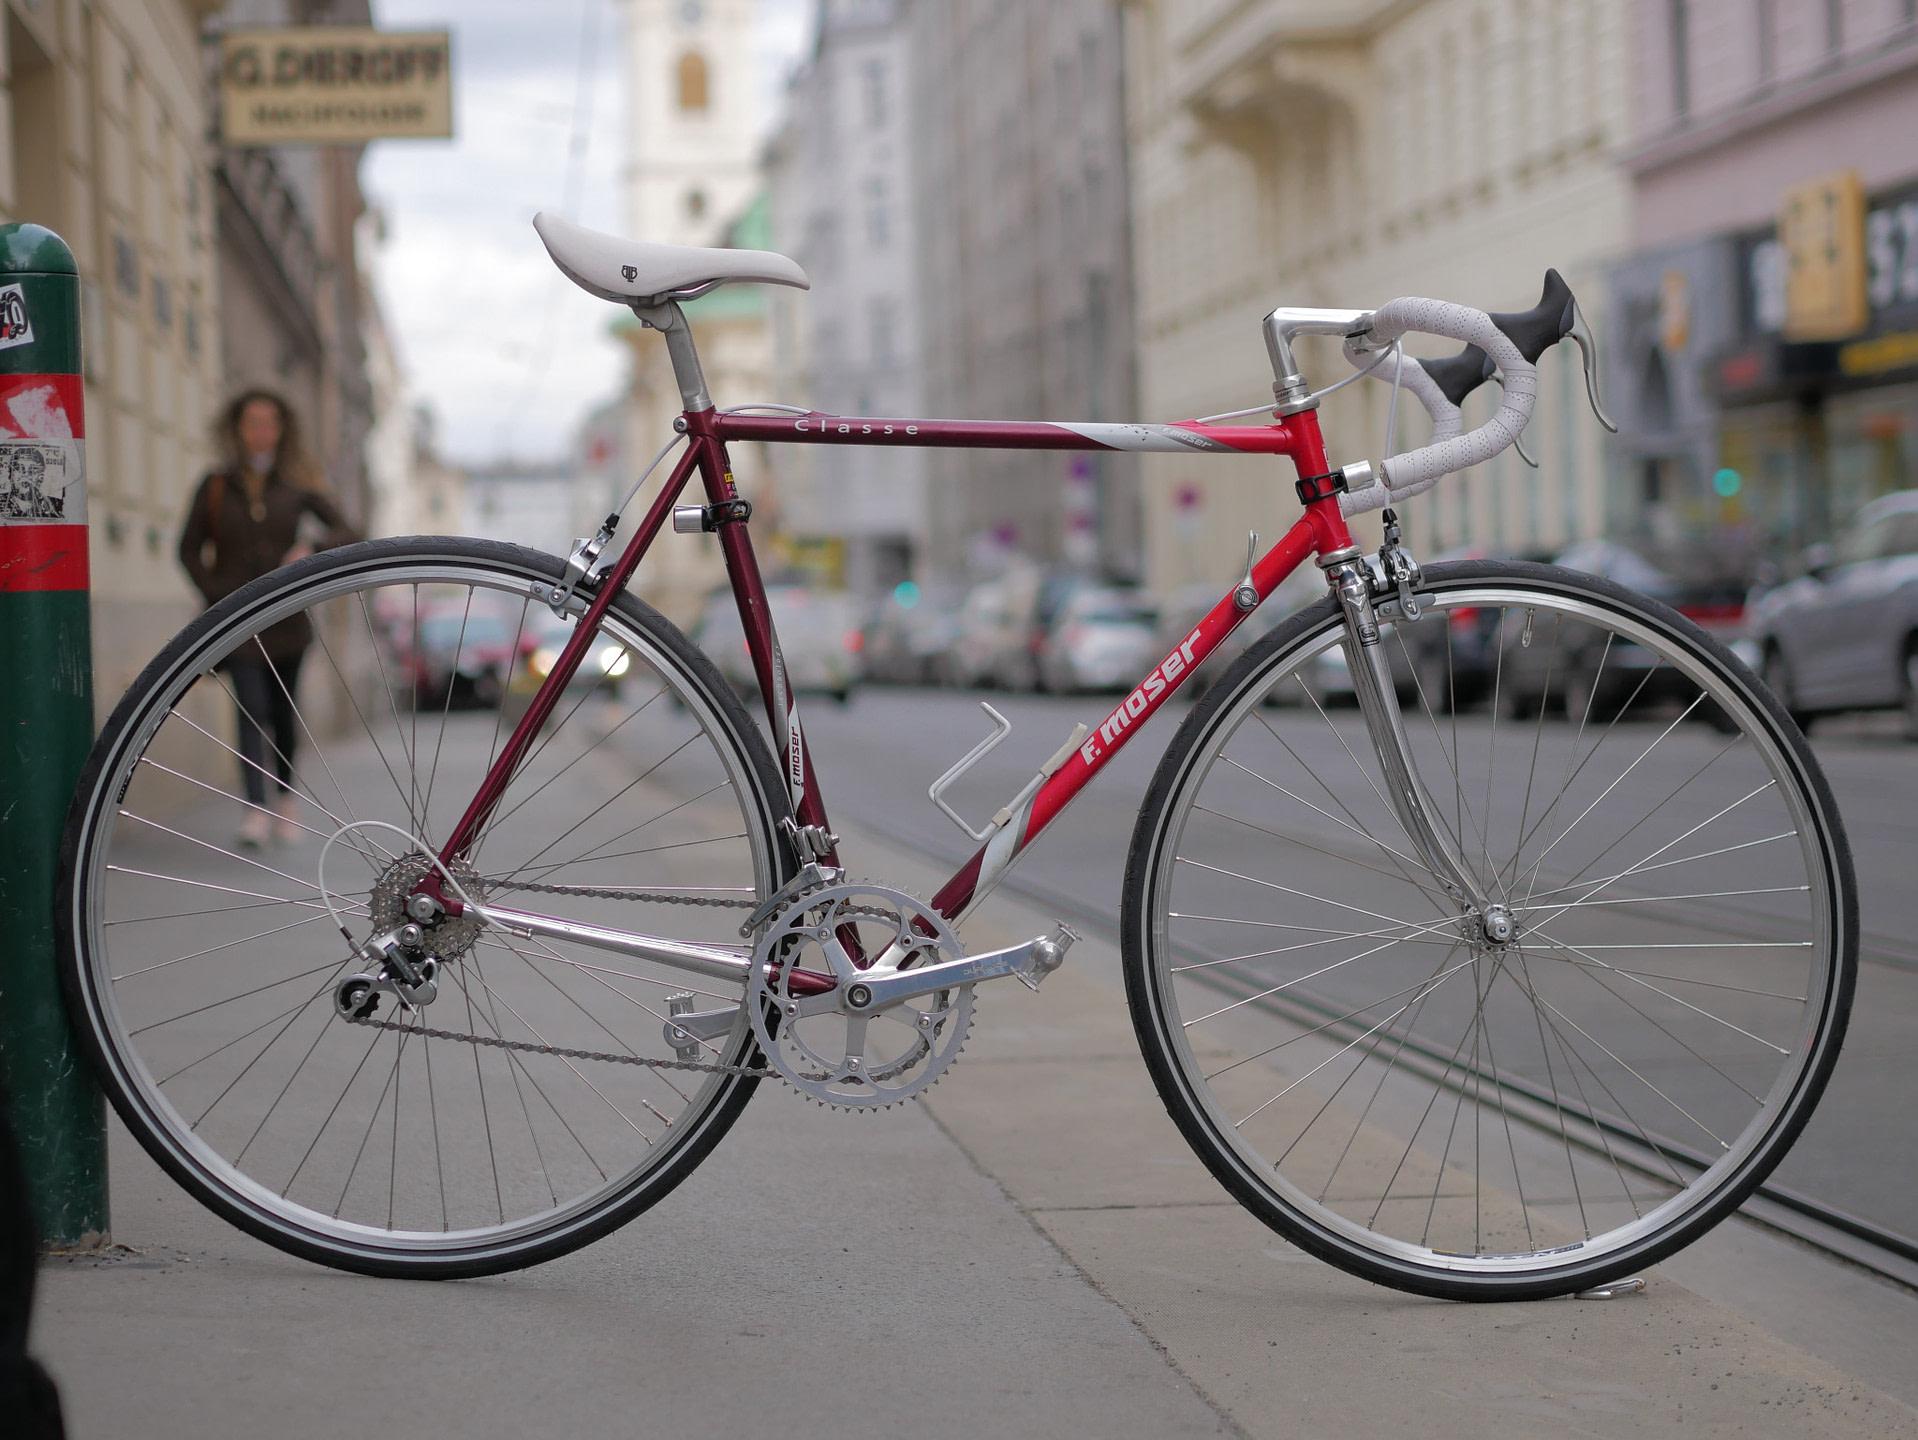 P1090741 - SHOWROOM - custom bikes - neubau - vintage bikes